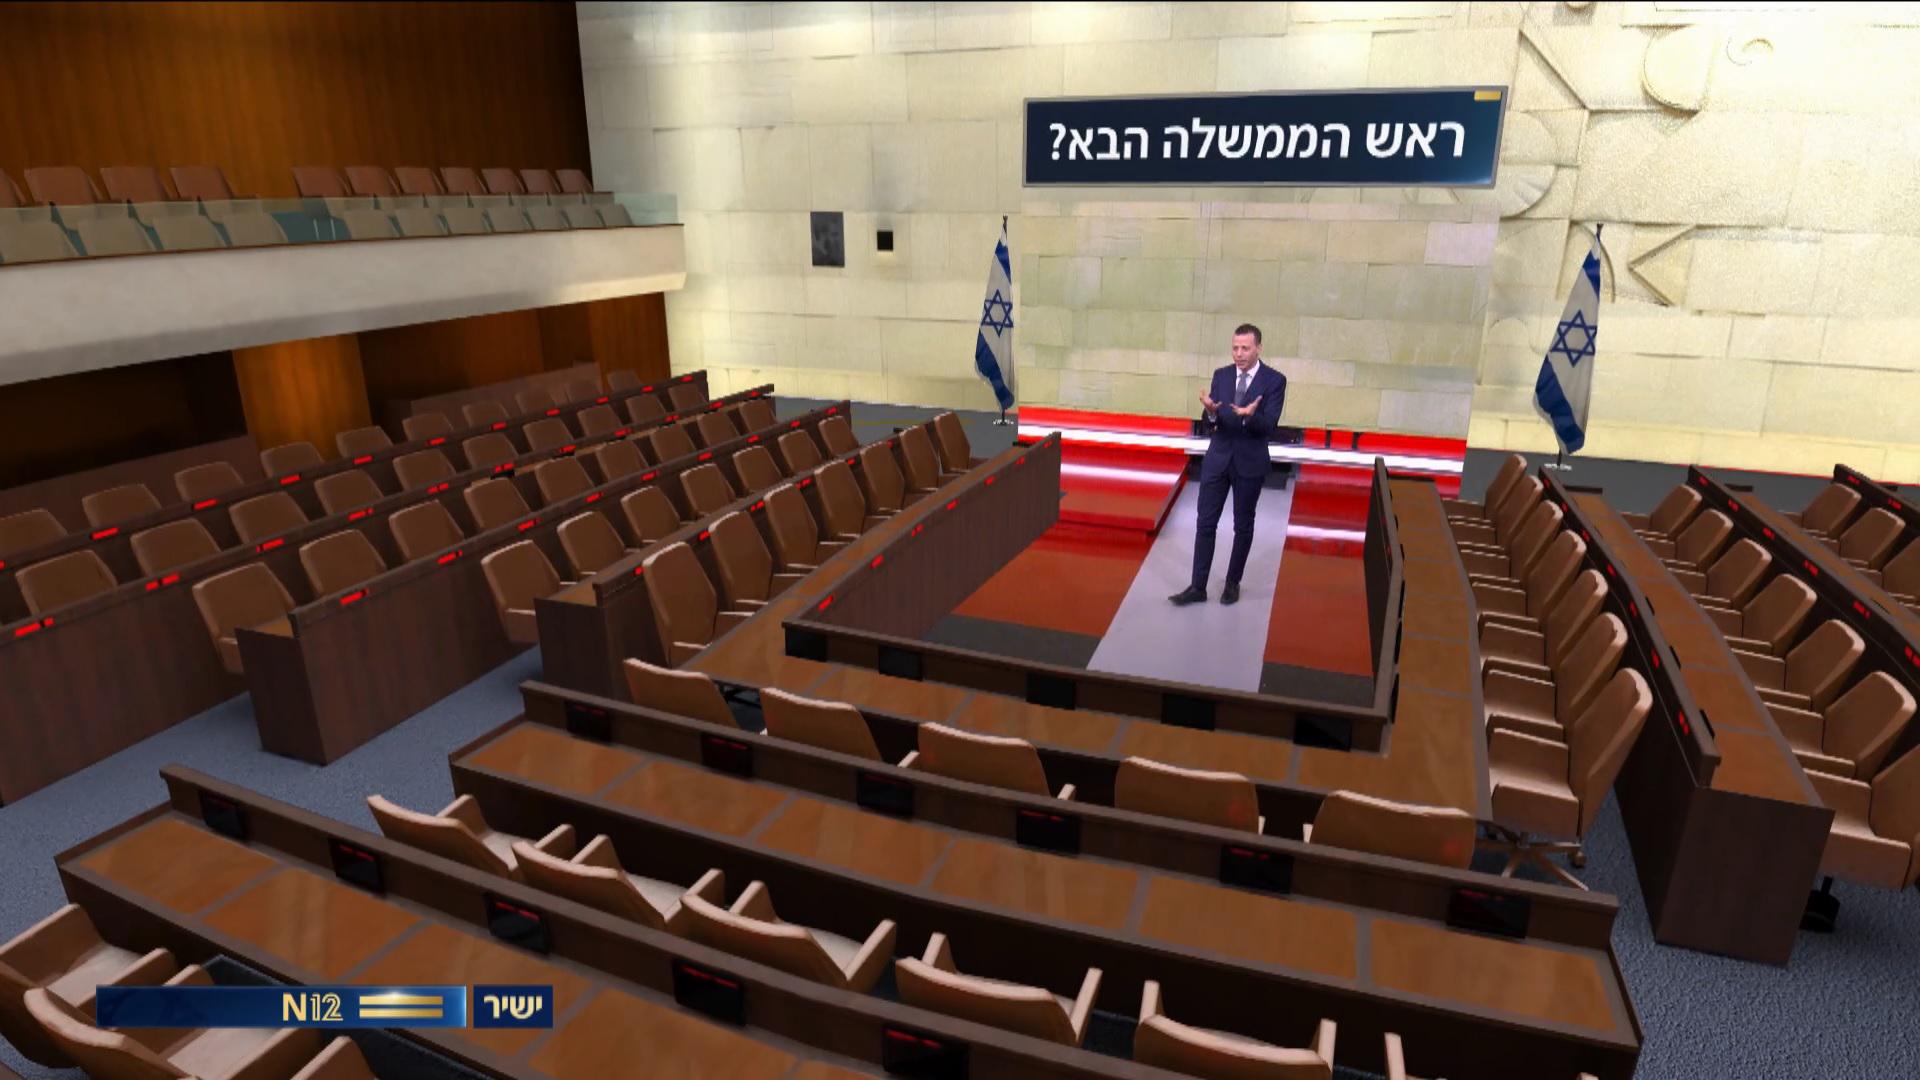 עמית סגל, חדשות 12 / צילום: חדשות 12